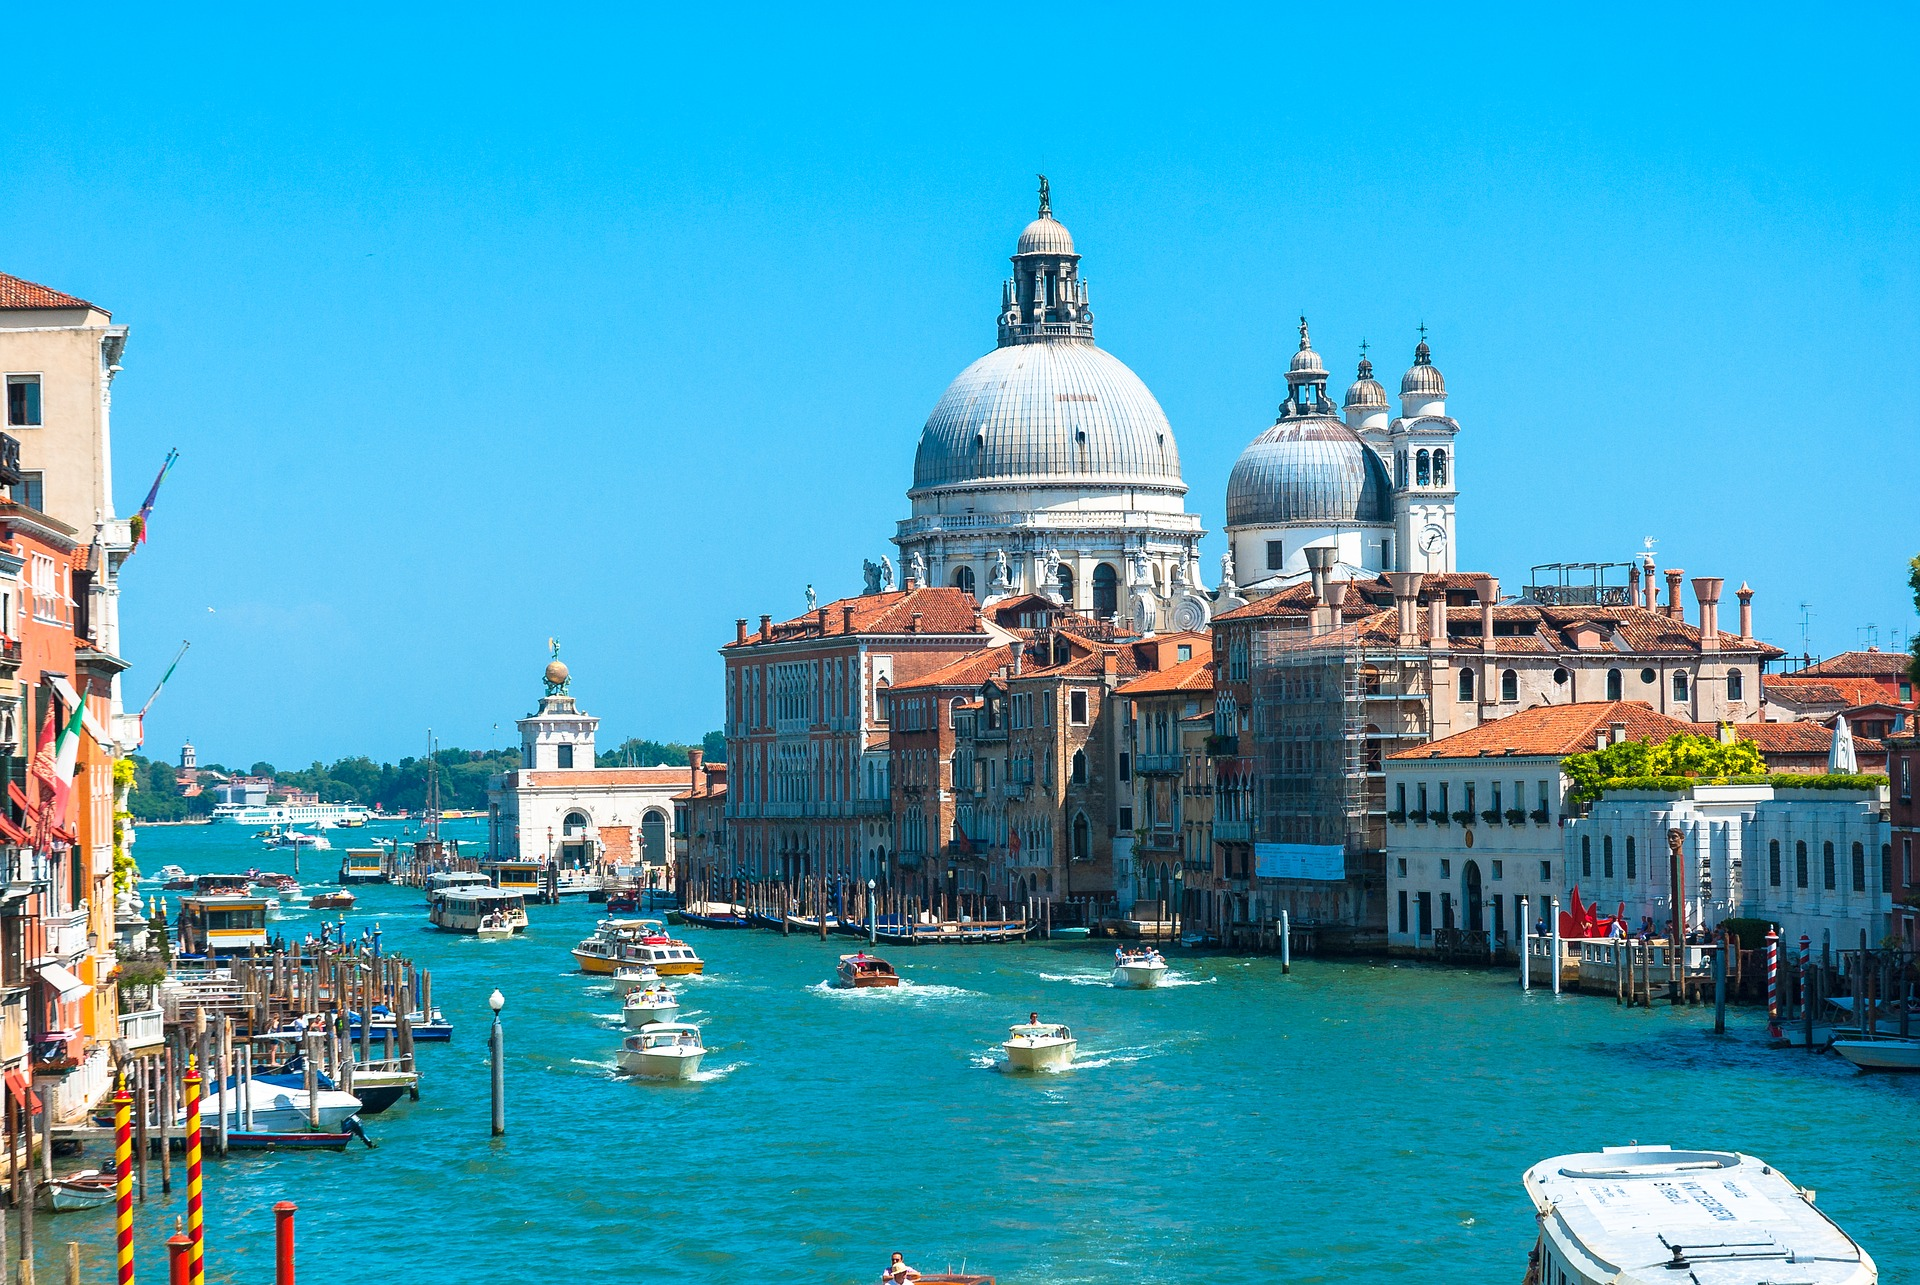 Städte Trip Venedig - romantische Gondelfahrt ab 32,00€ Flug & Hotel ab 300,48€